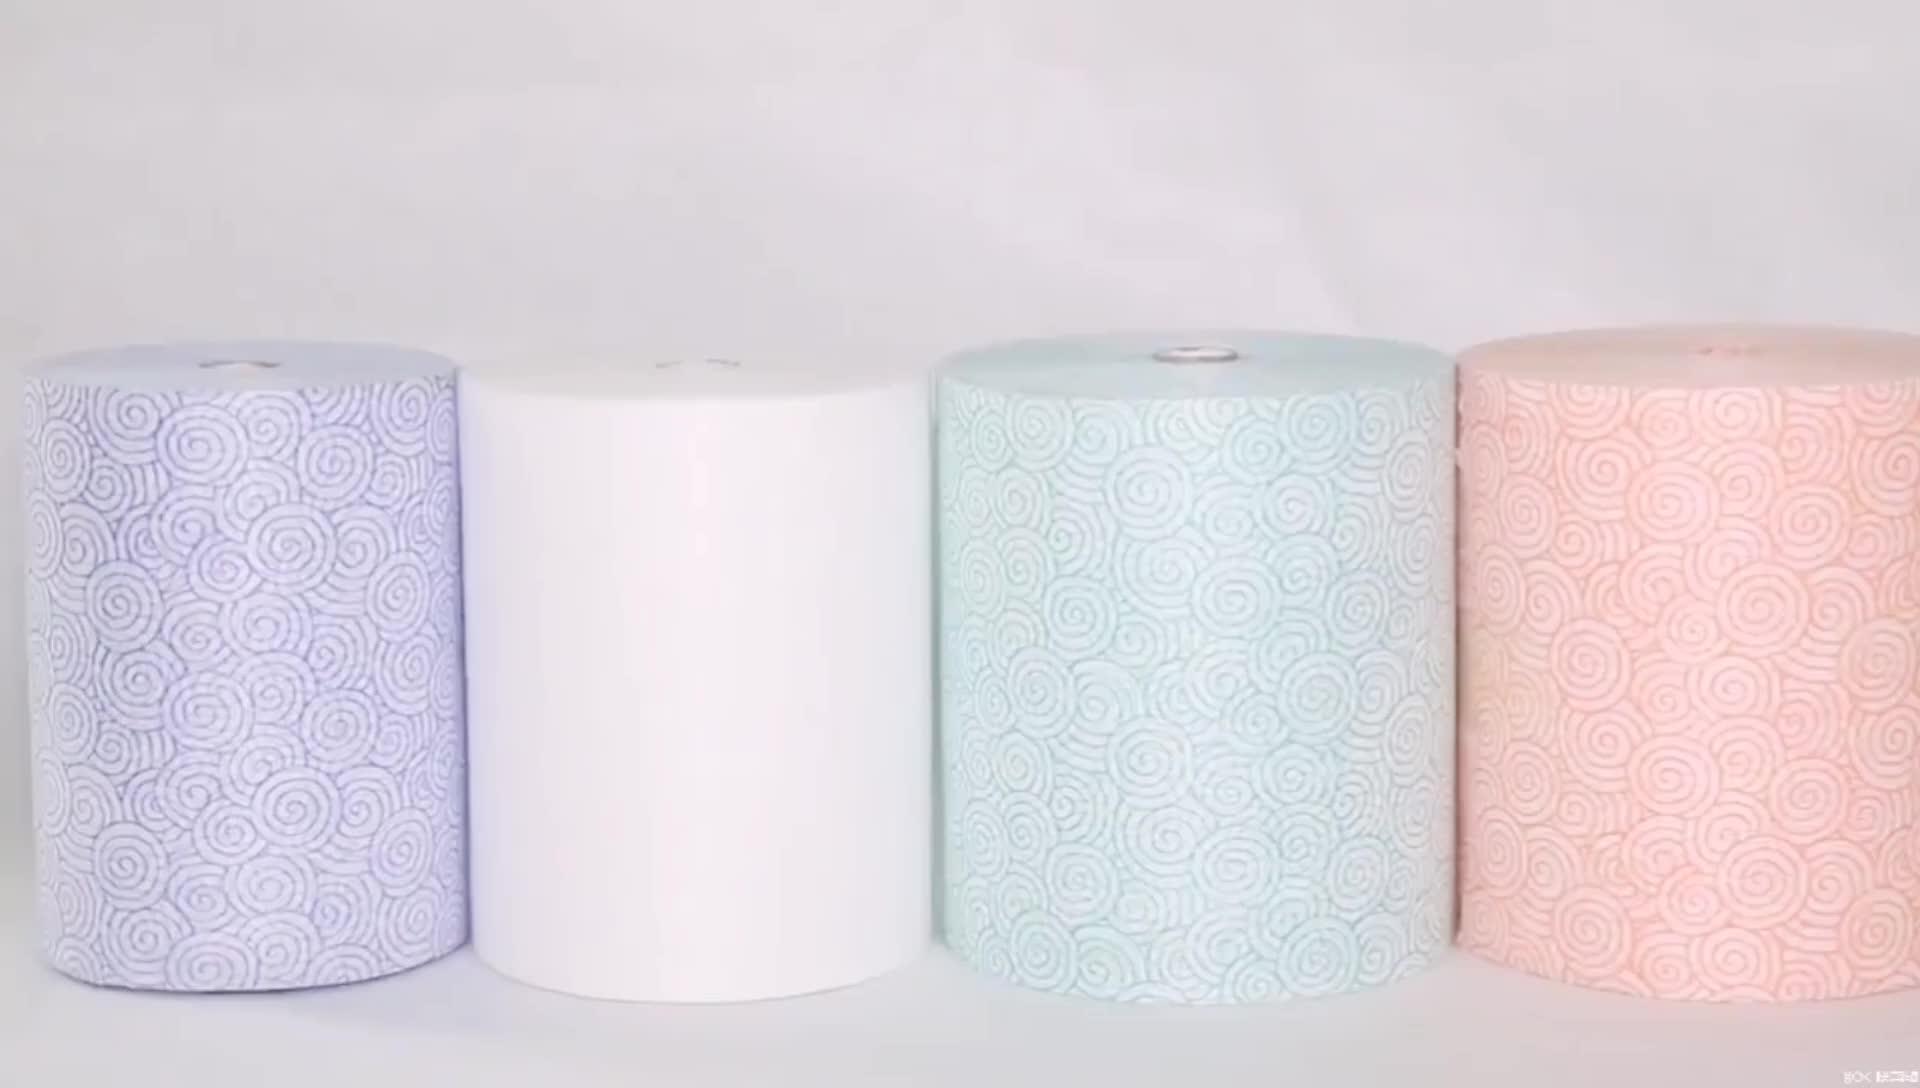 La migliore Vendita Viscosa Poliestere Stampato maglia Spunlace Tessuto Non Tessuto